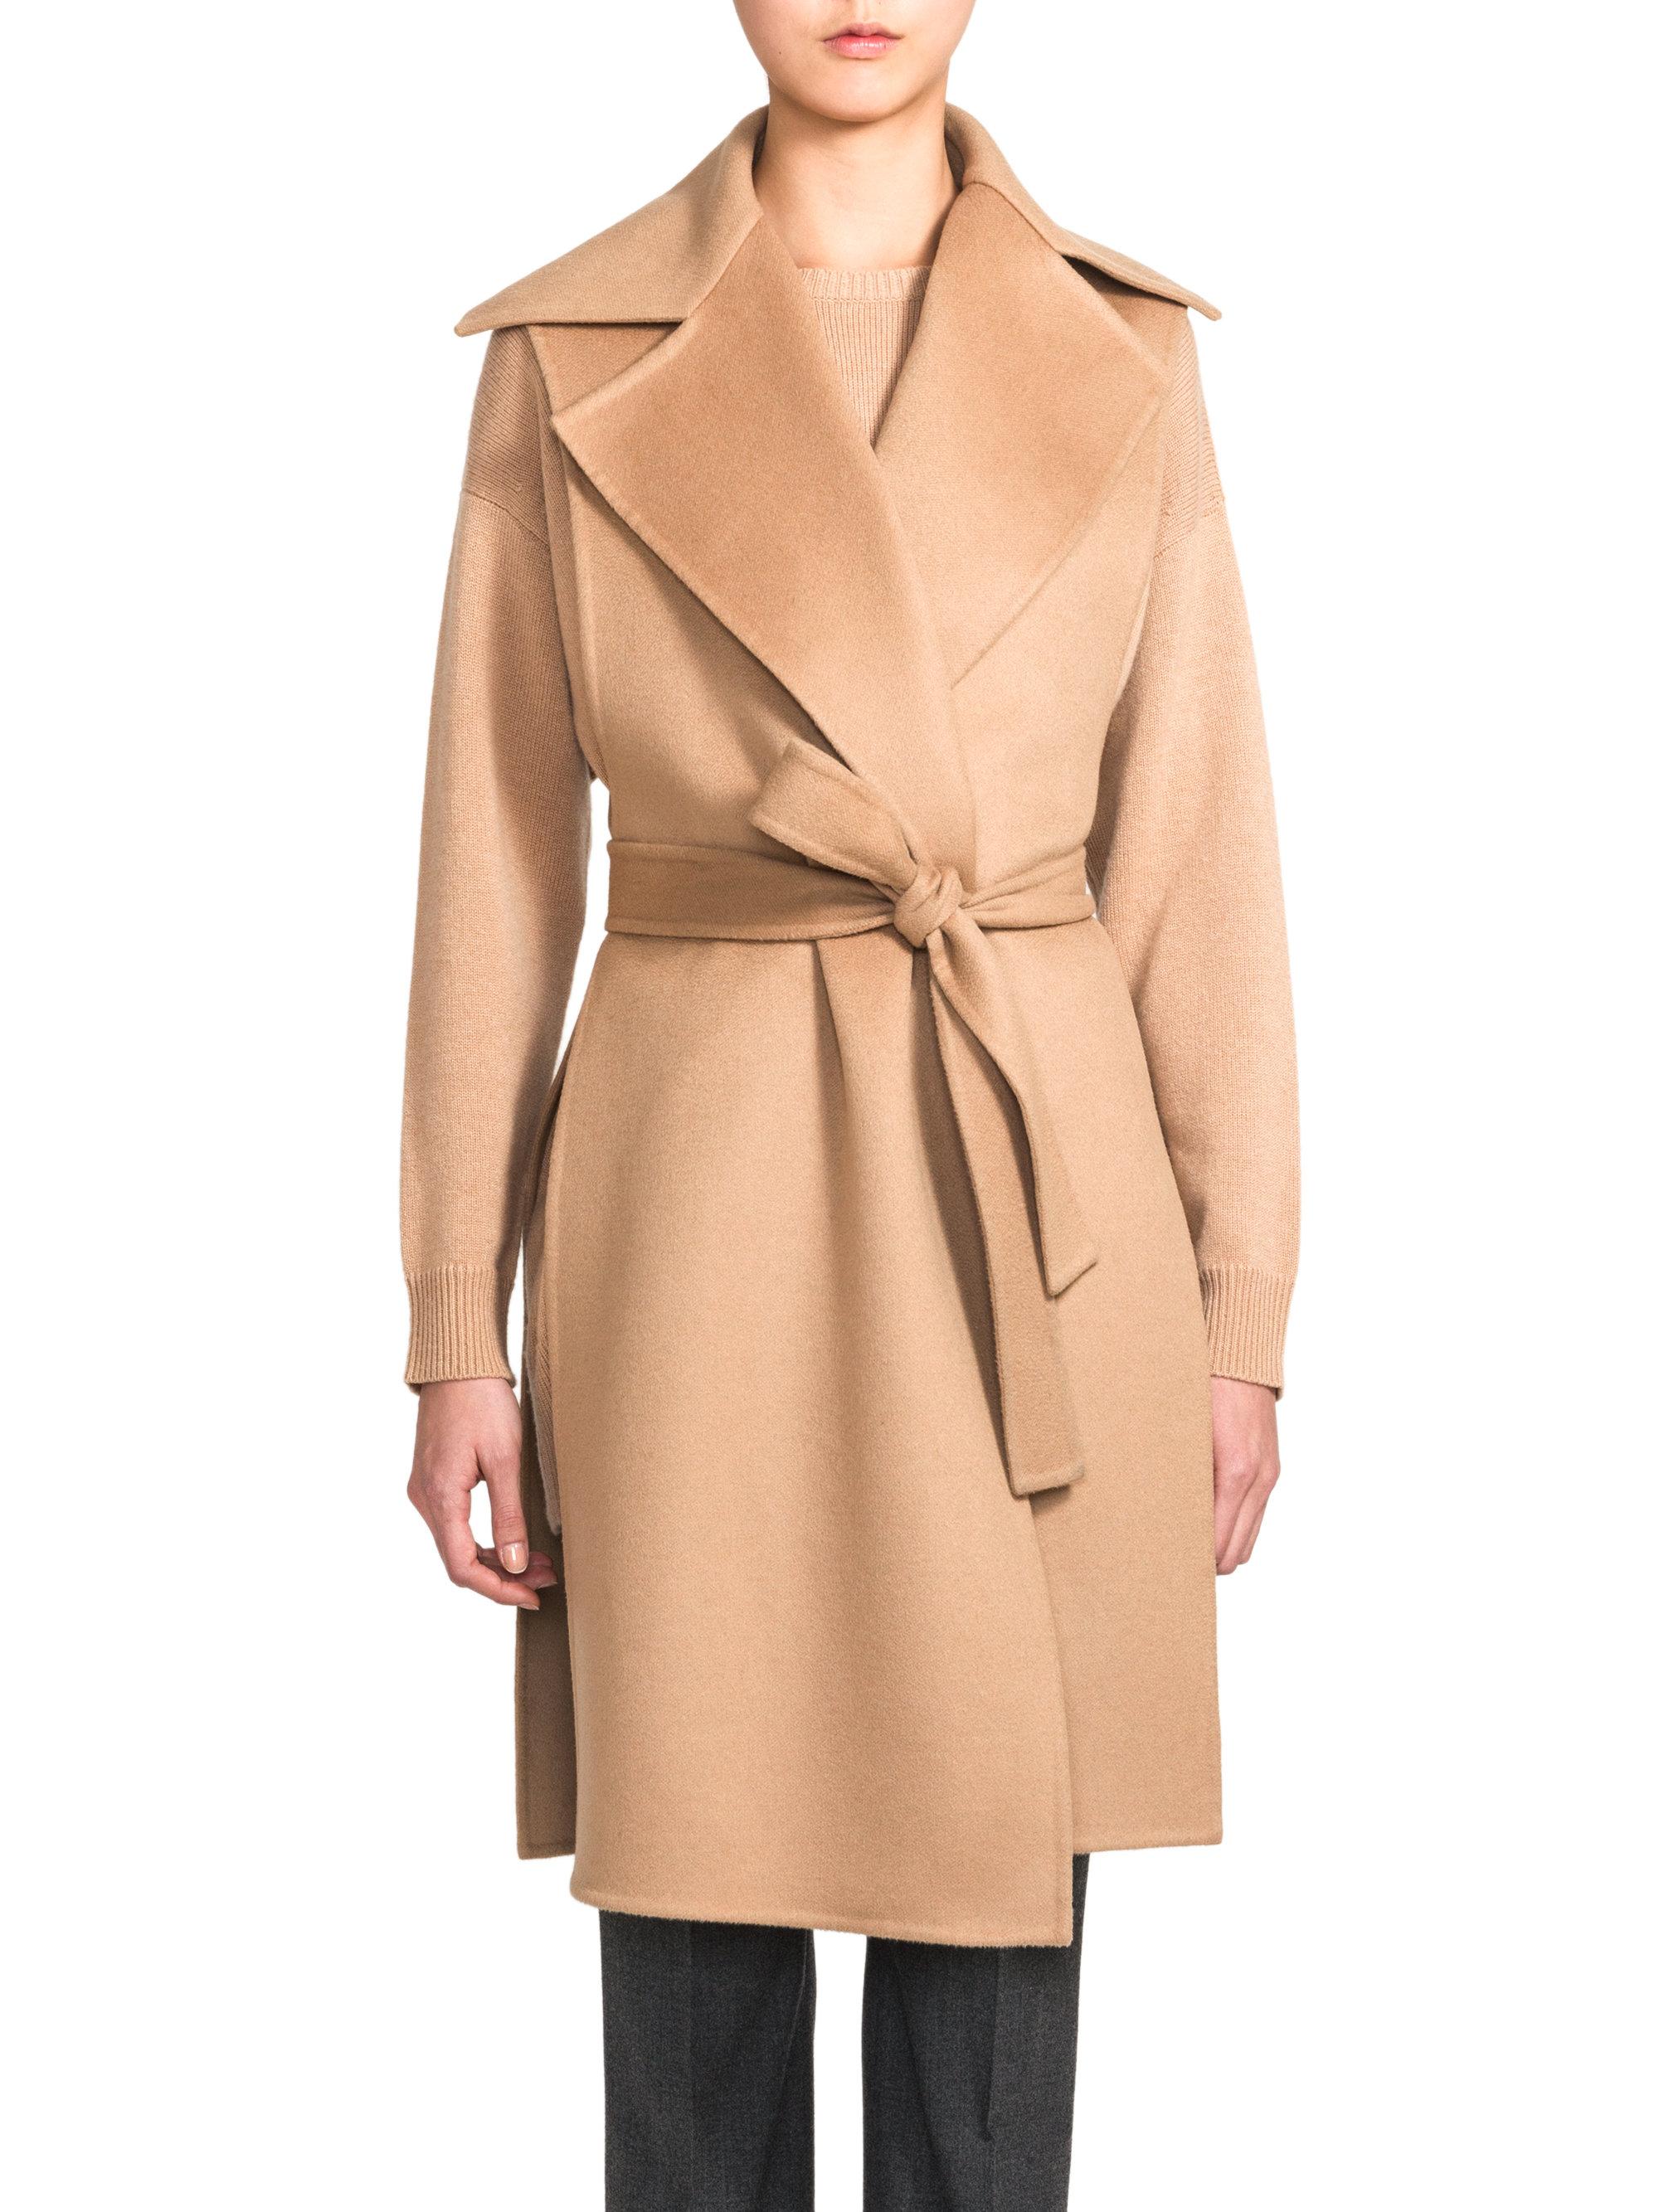 Jil sander Vaduz Belted Wool Cashmere Vest in Natural   Lyst